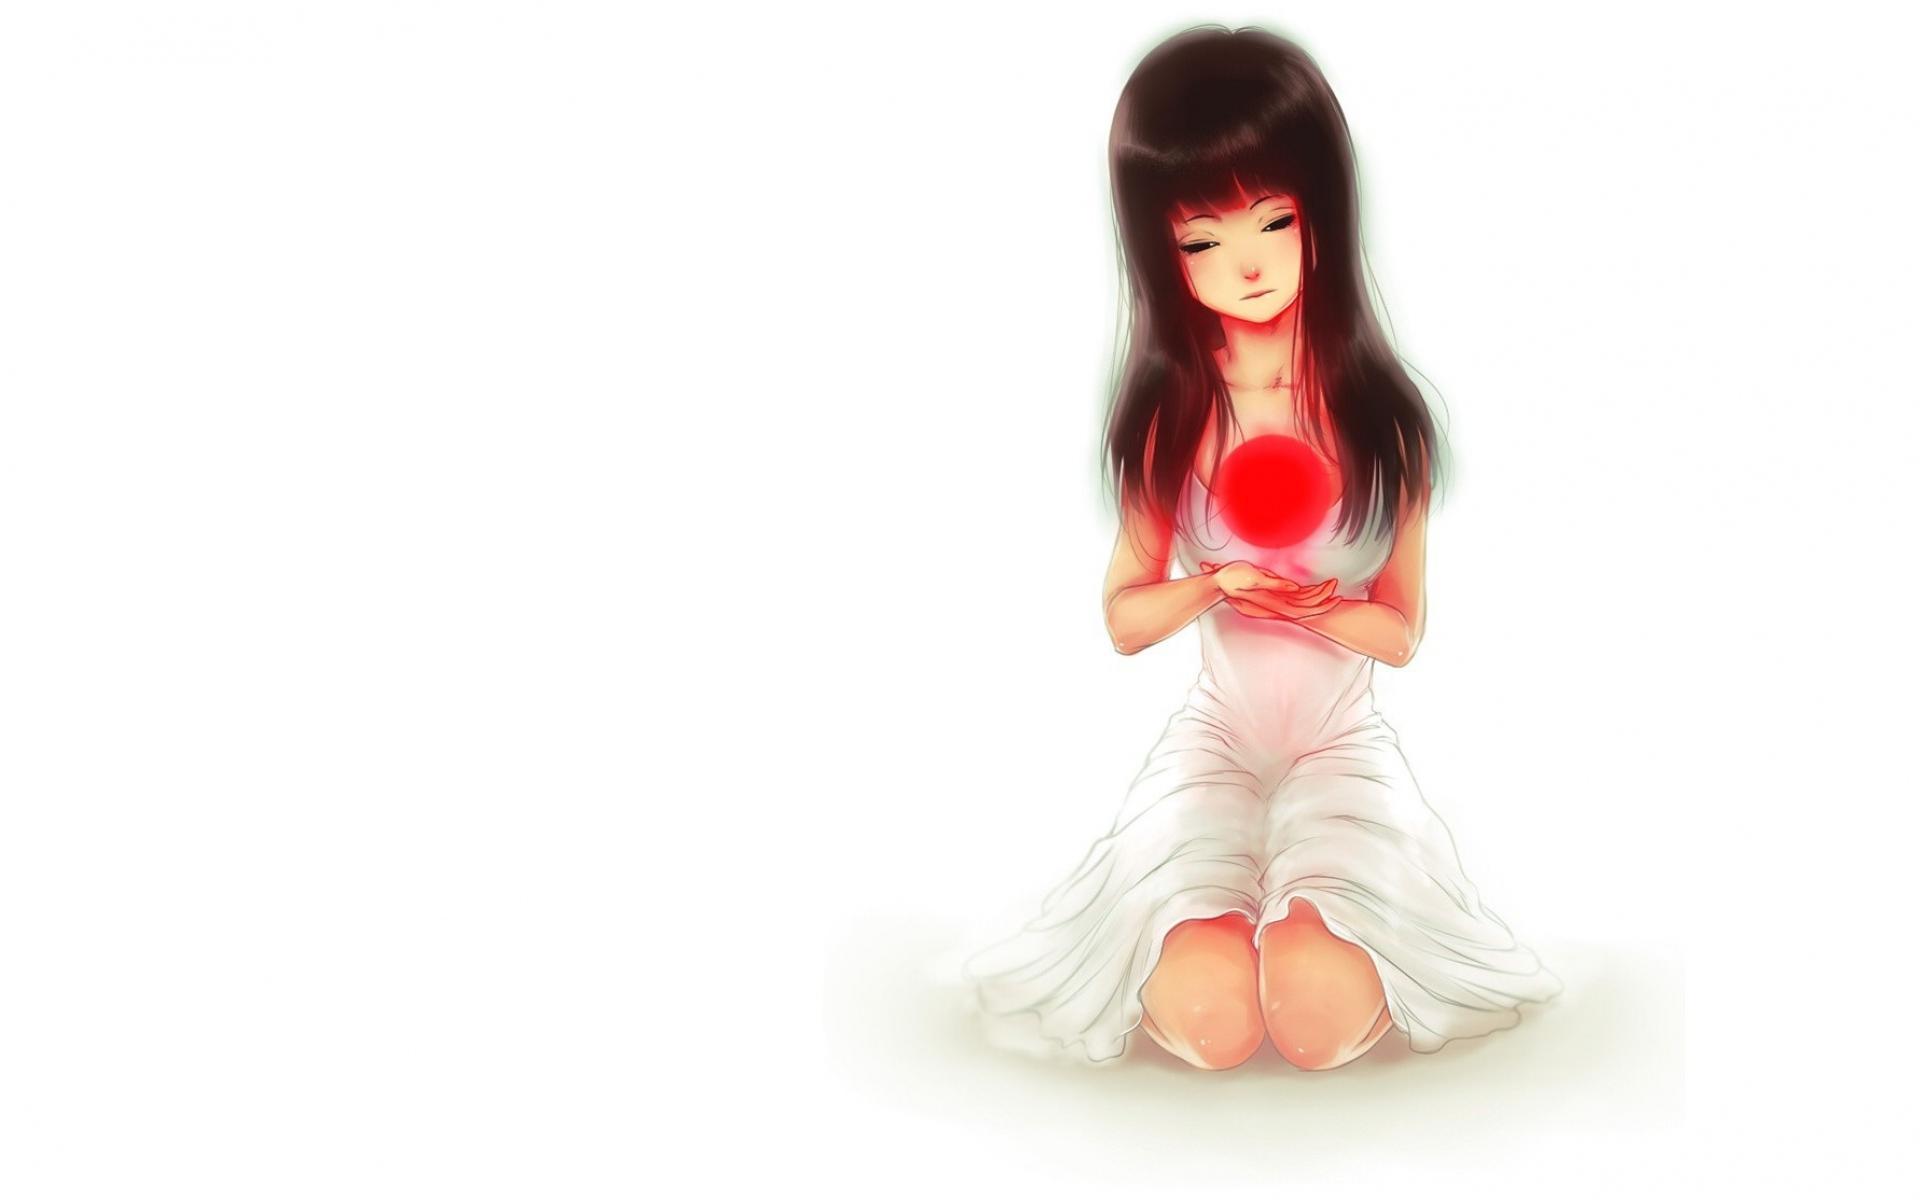 Картинки Молиться за Японию, искусство, девушка, аниме фото и обои на рабочий стол